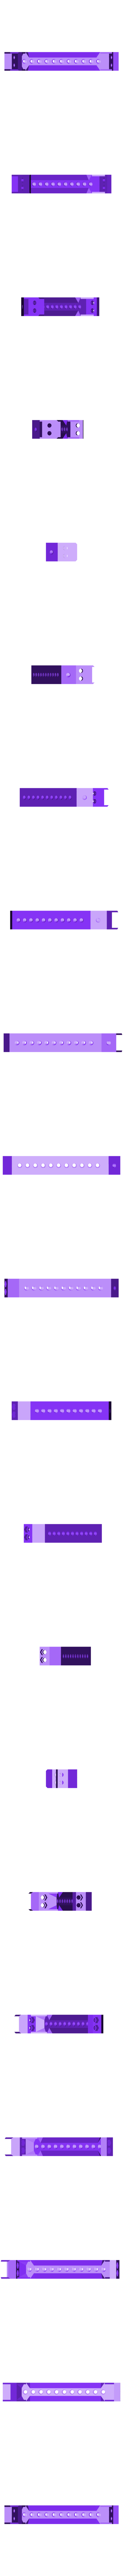 Ep_Barre_Gauche.stl Download STL file Shoulder pad for DSLR type GH4, 5D • 3D print design, Smile